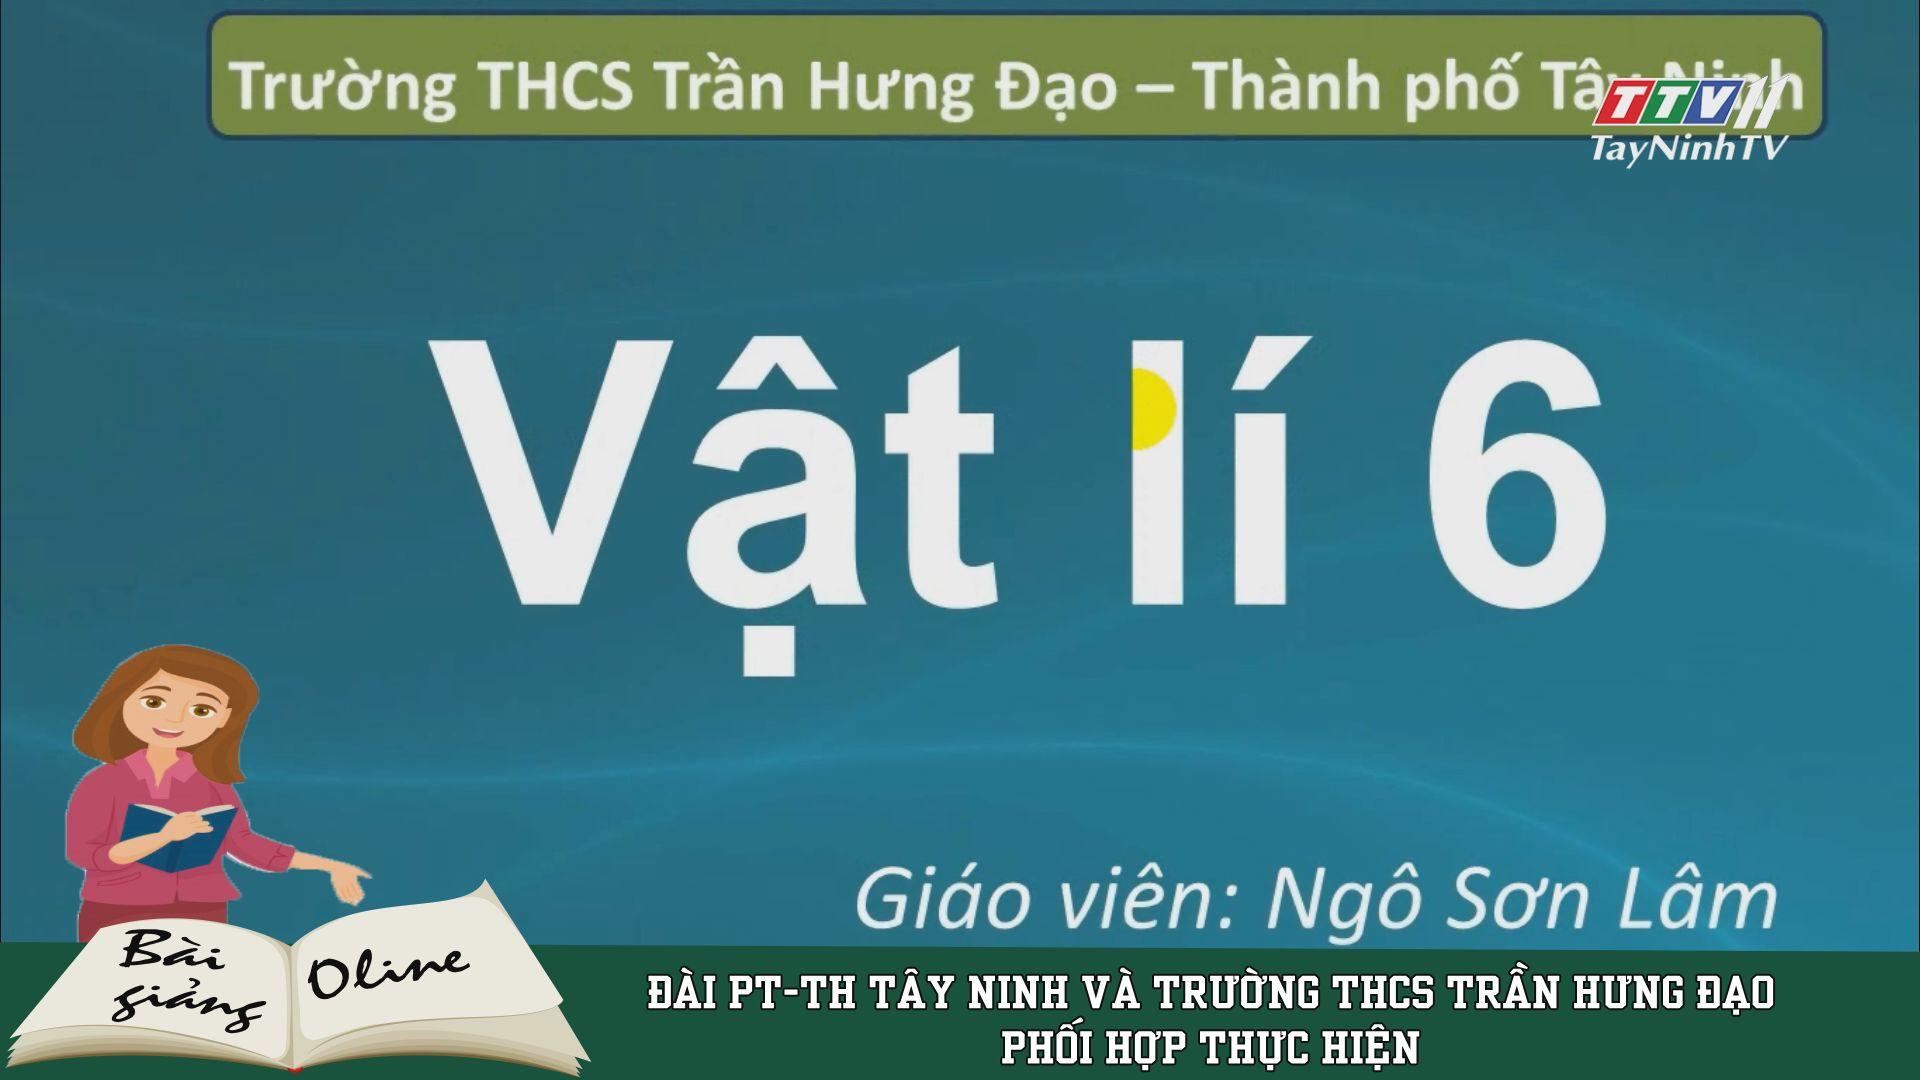 Ôn tập VẬT LÍ 6 | ÔN TẬP TẠI NHÀ | TayNinhTV